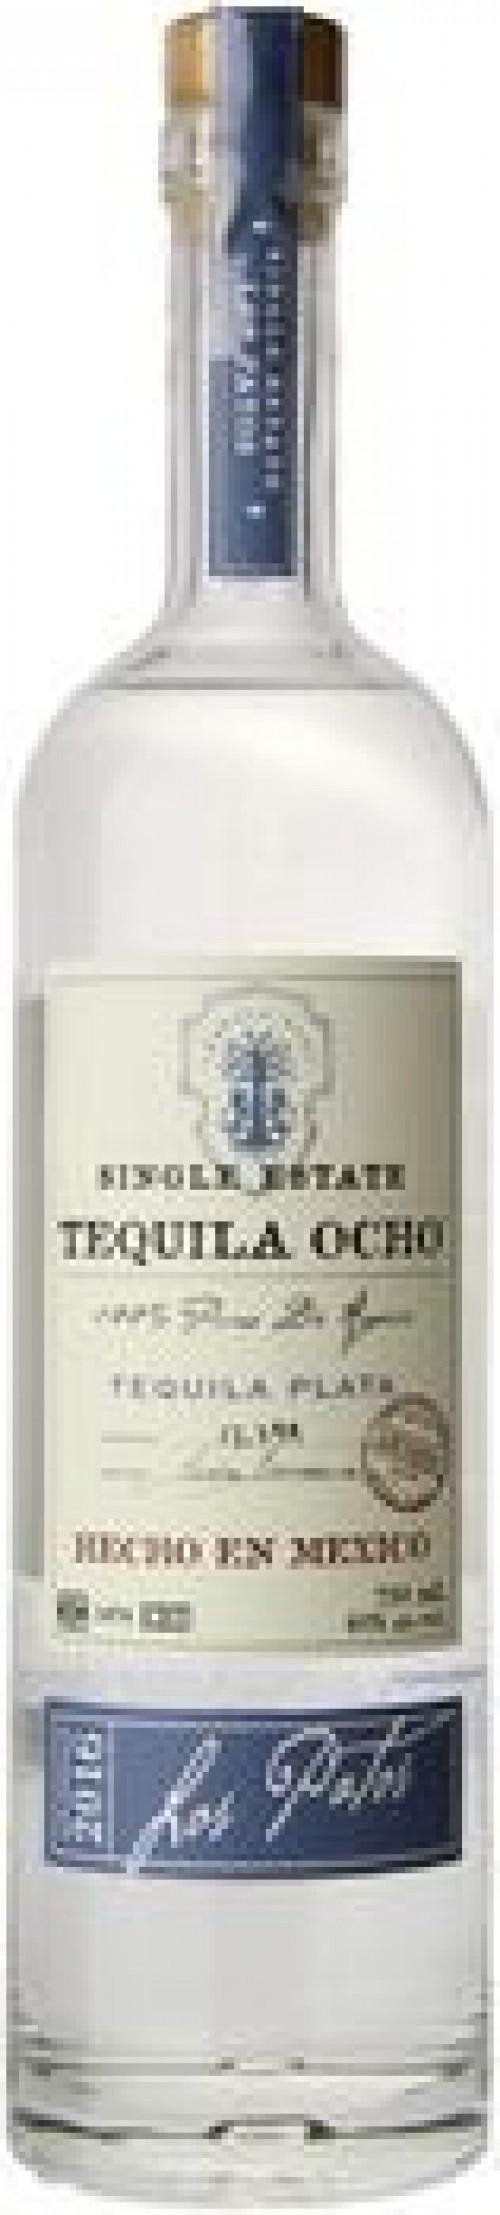 Tequila Ocho 2017 Los Nopales Blanco 750ml